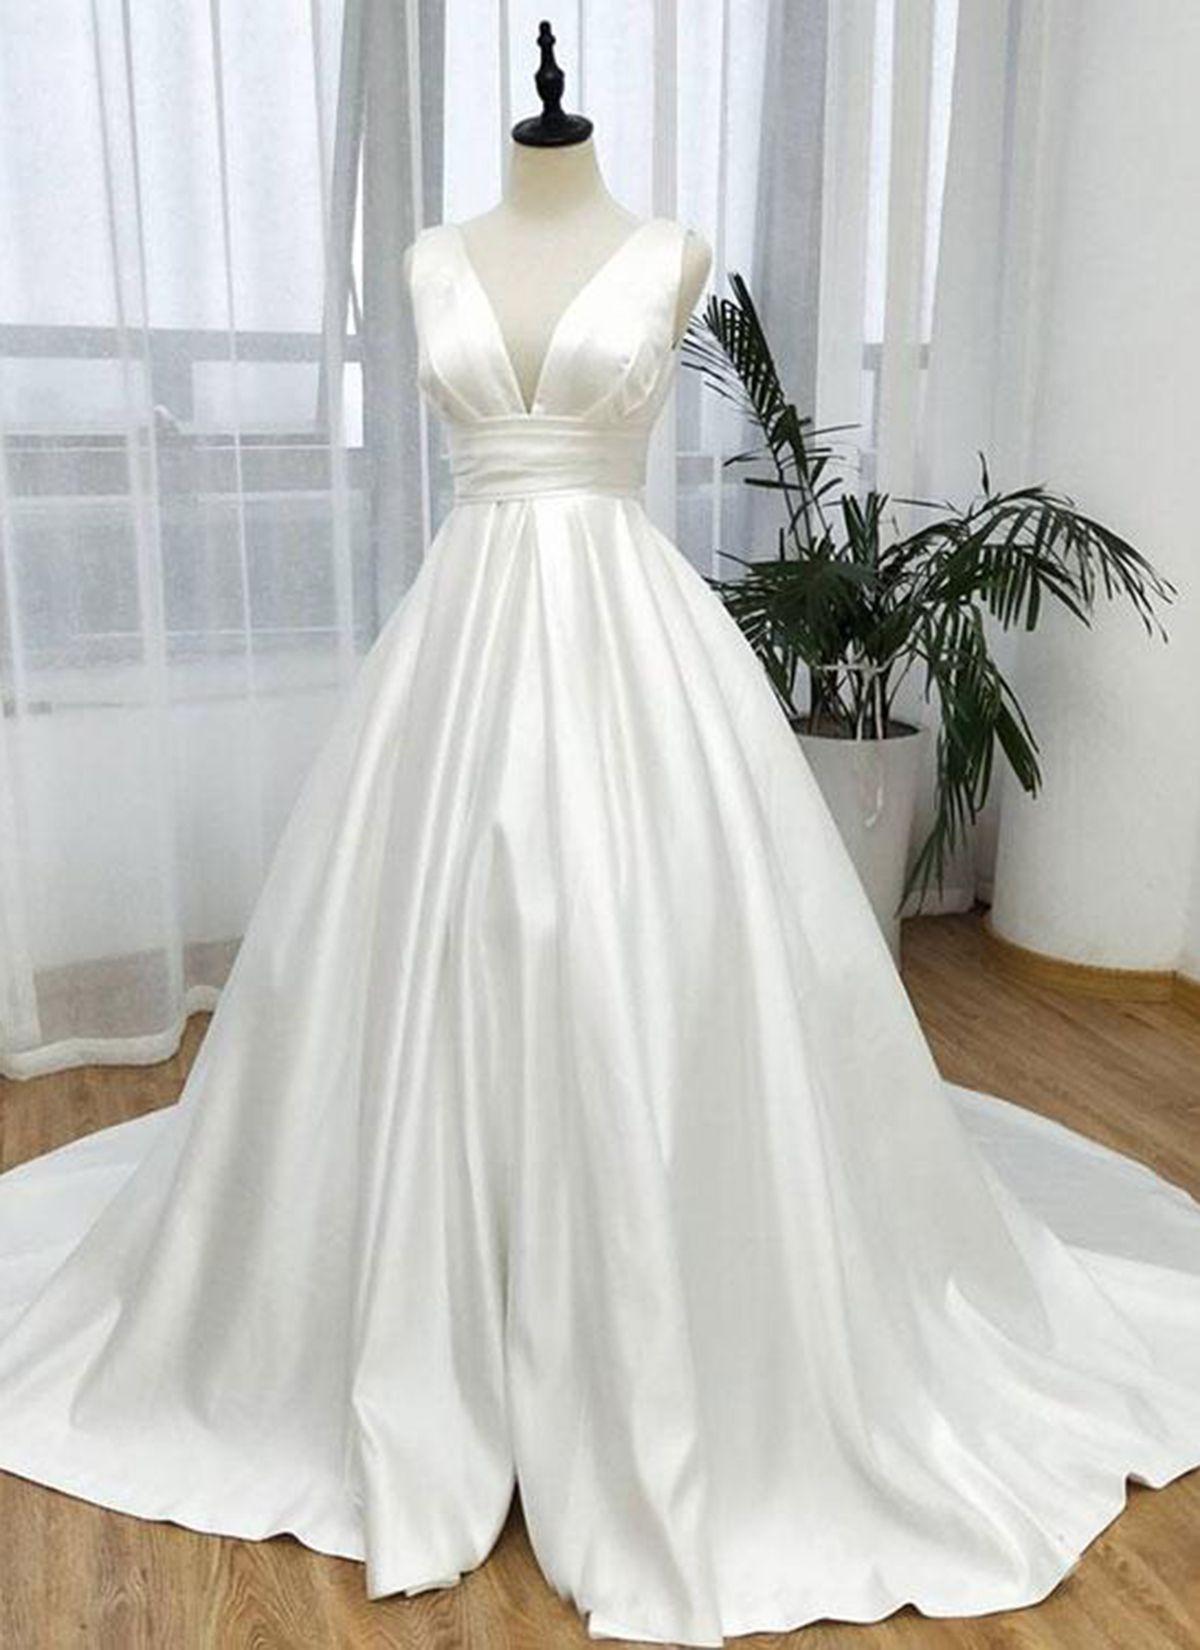 White satin long v neck prom dress white evening dress from